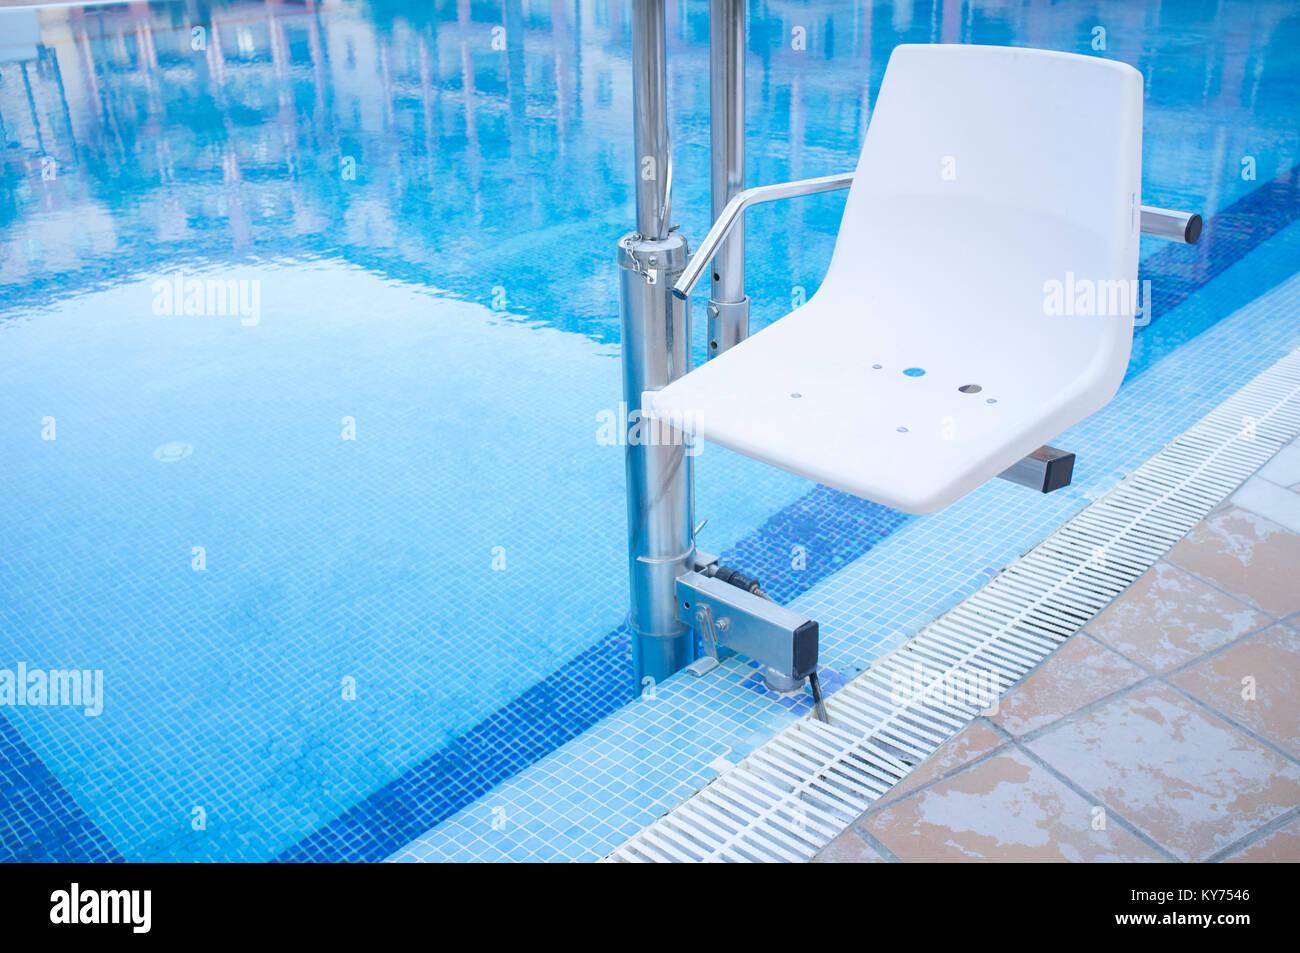 Schwimmbad Aufzug Für Behinderte Menschen Zugang Zum Pool. Ferien Resort  Hintergrund Stockbild